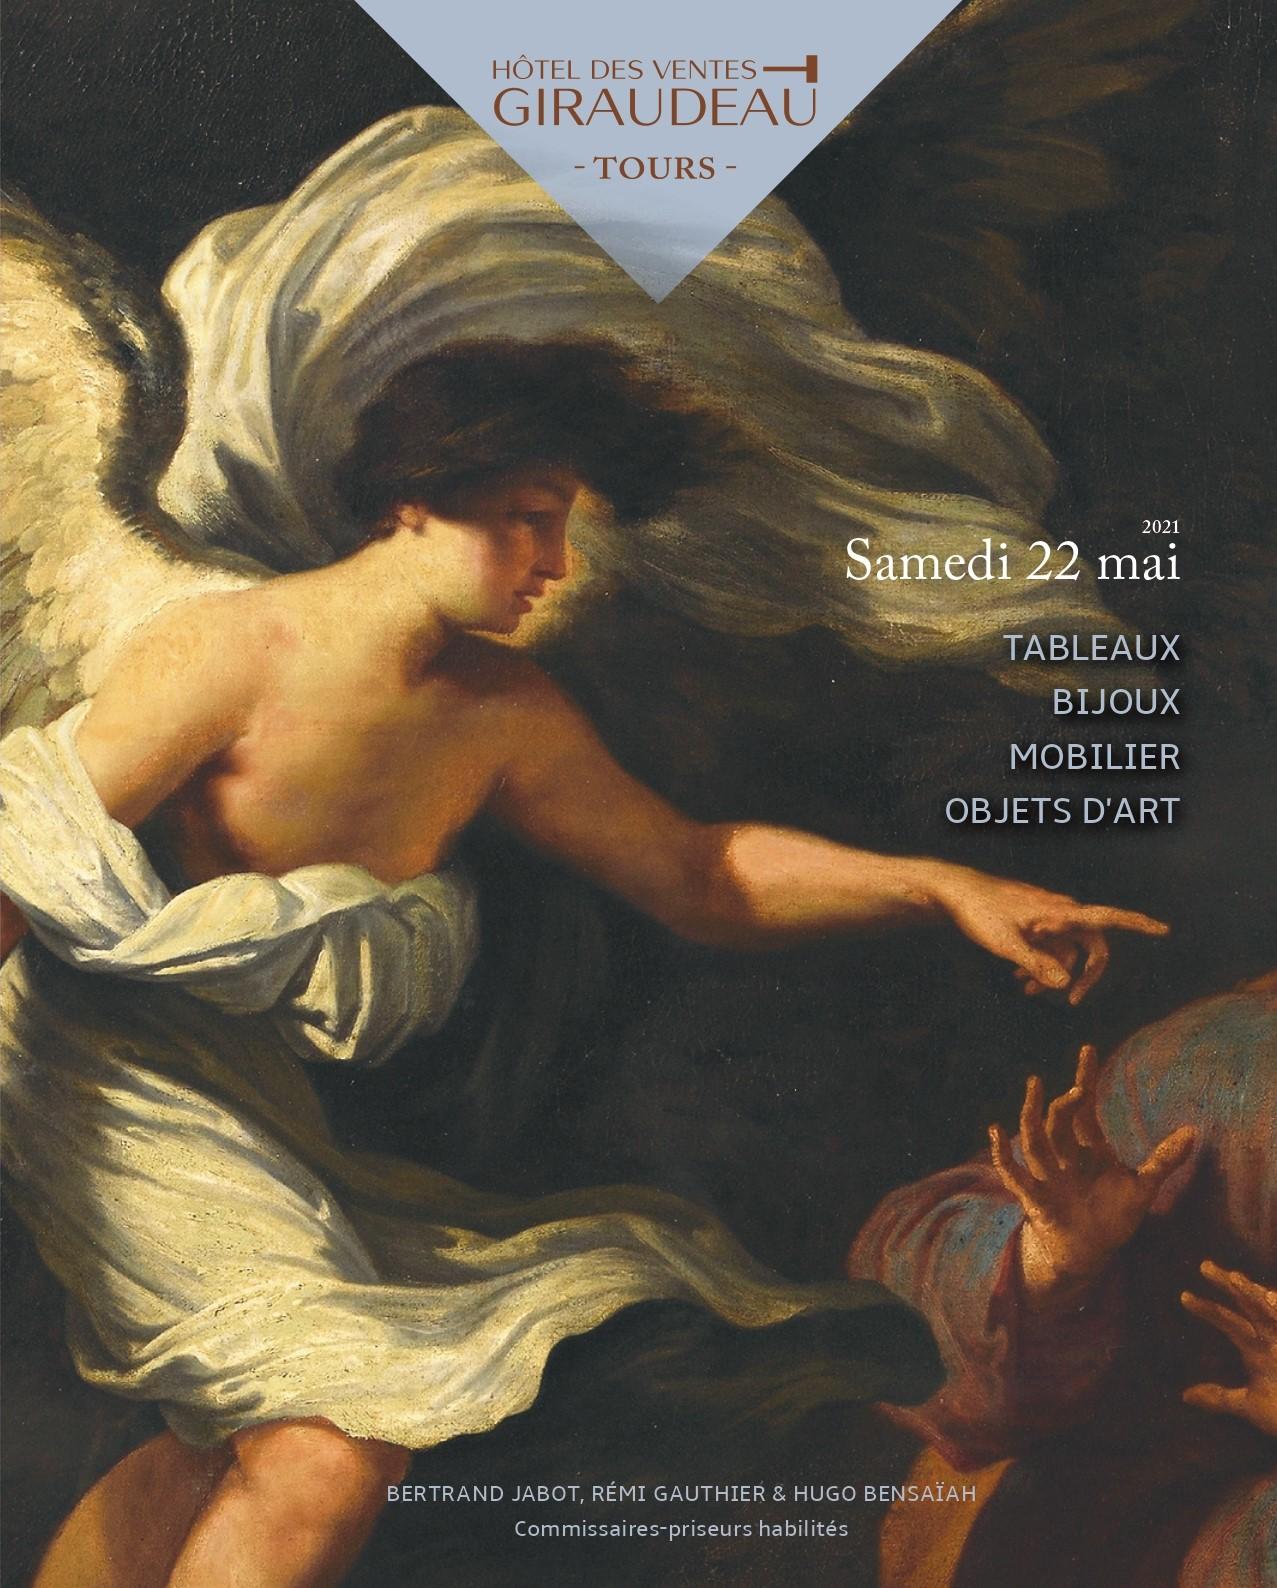 Auction Belle Vente Mobilière at Hôtel des Ventes Giraudeau : 364 lots